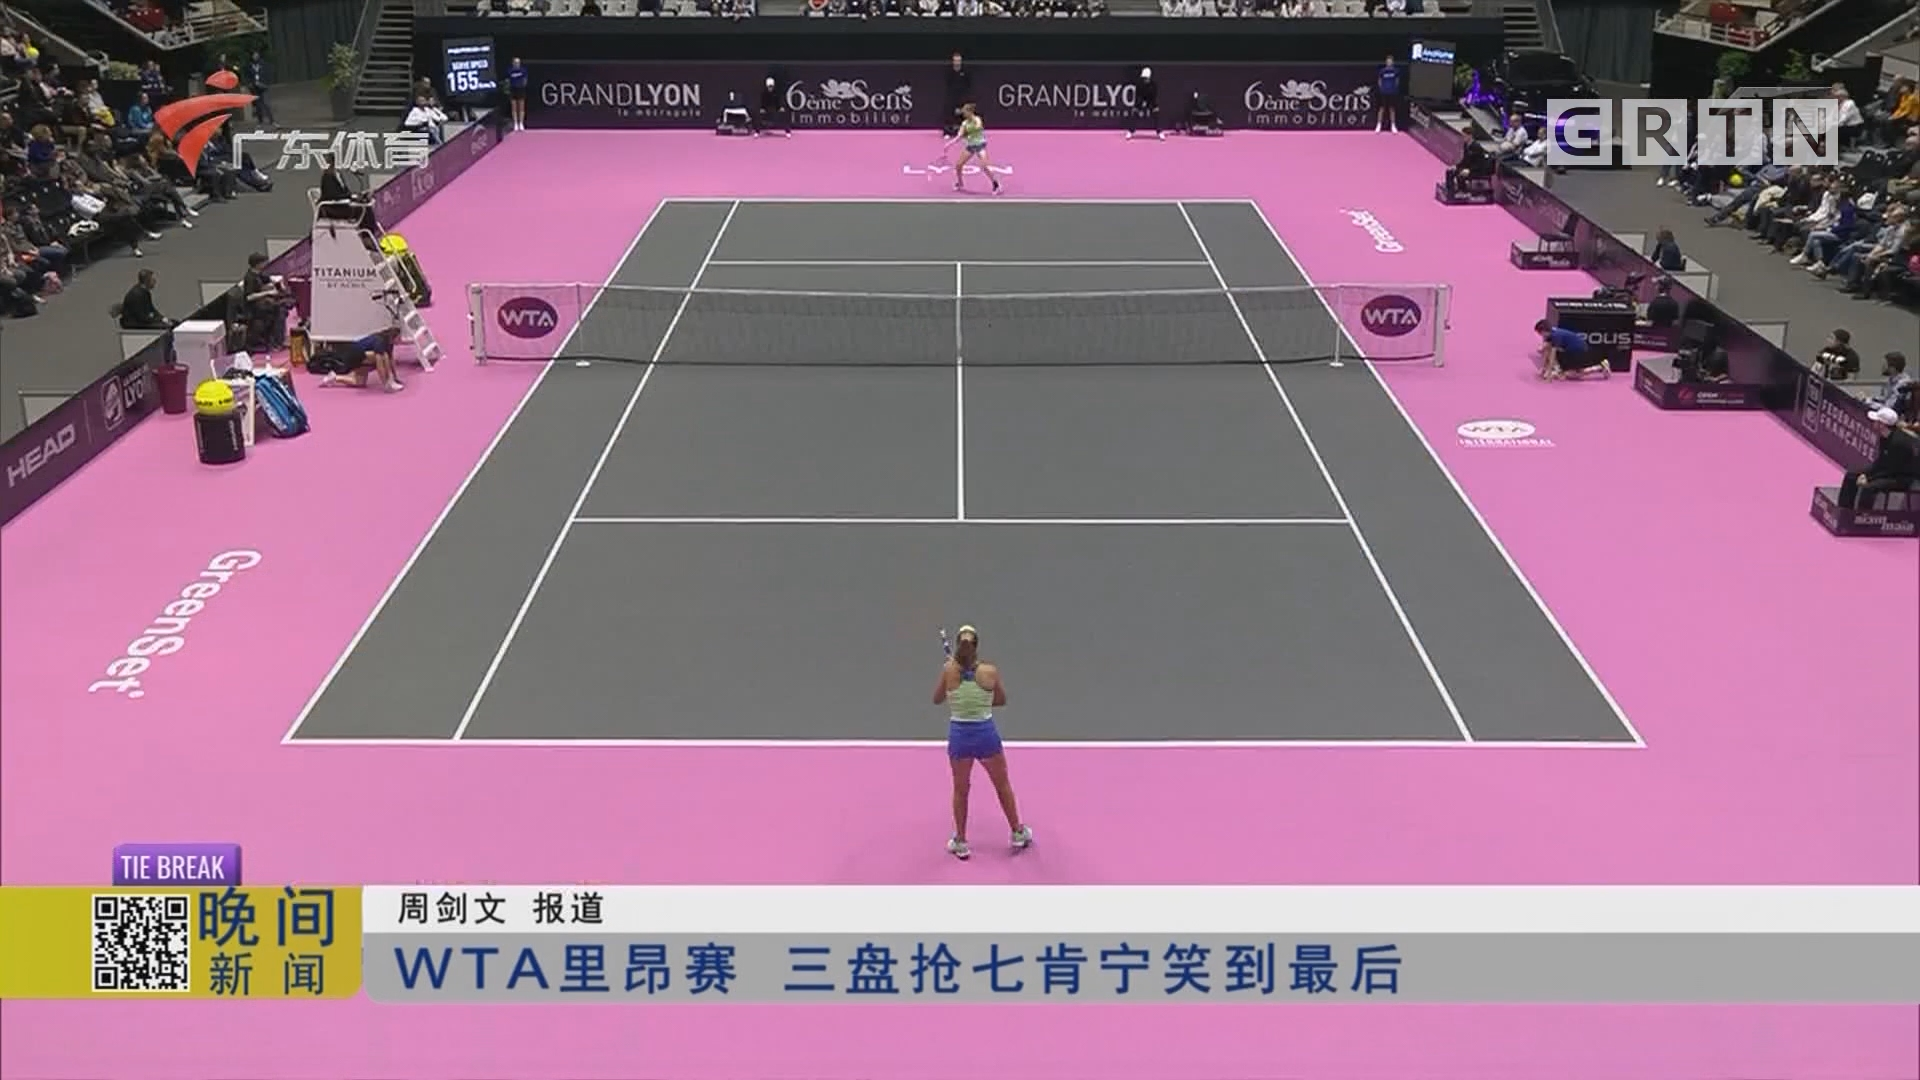 WTA里昂赛 三盘抢七肯宁笑到最后